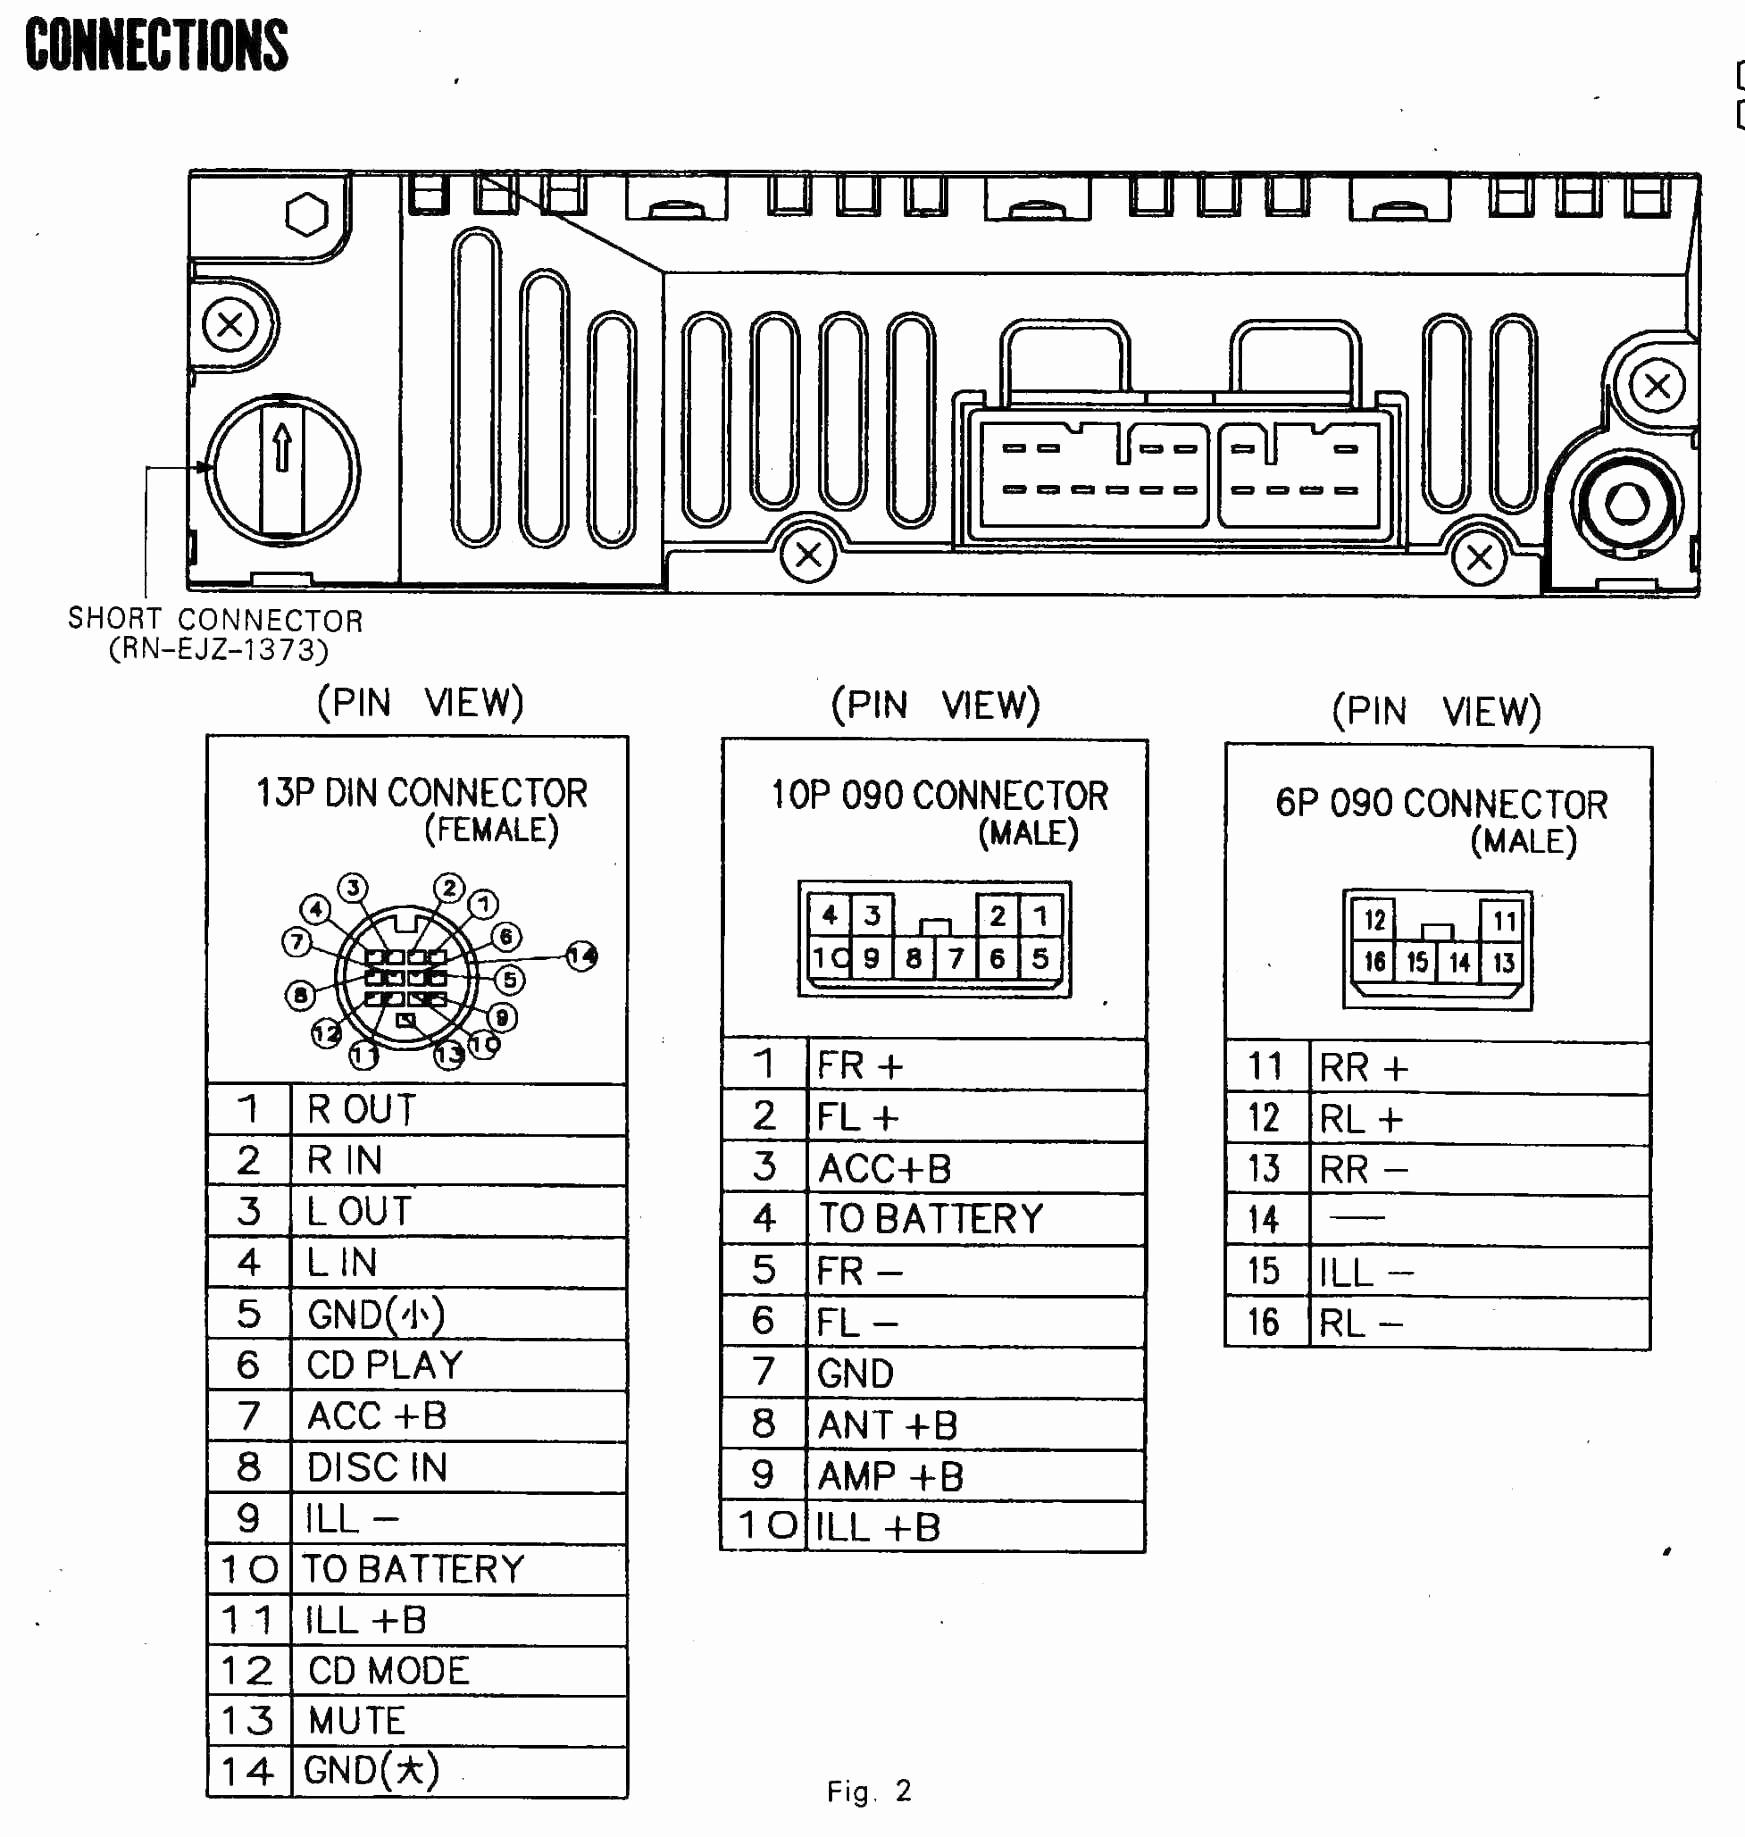 Pioneer Fh X720Bt Wiring Diagram Best Of Pioneer Fh X700Bt Wiring - Pioneer Fh X720Bt Wiring Diagram